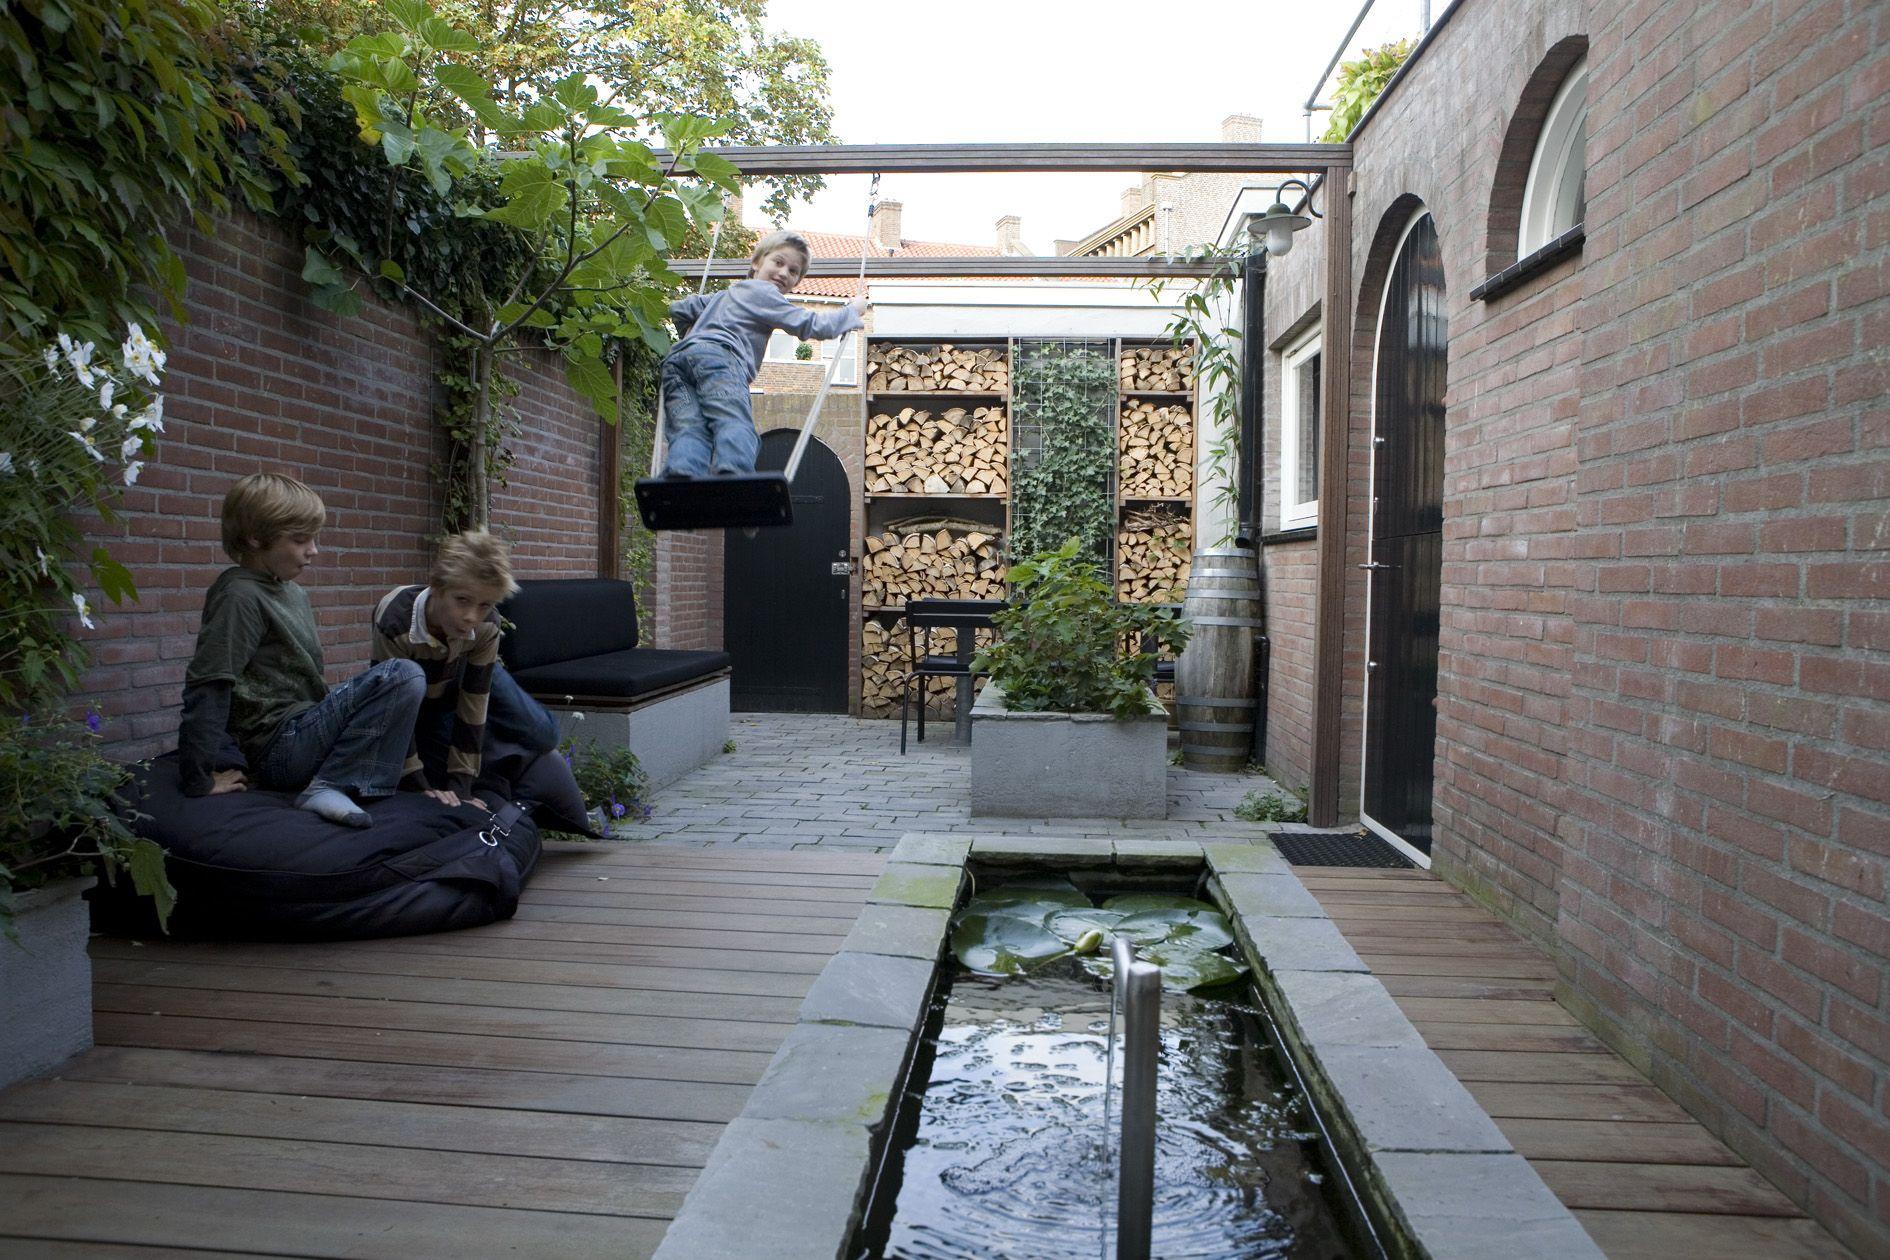 ... jardin den carrie preston jardins verticaux paysage bosch studio 1